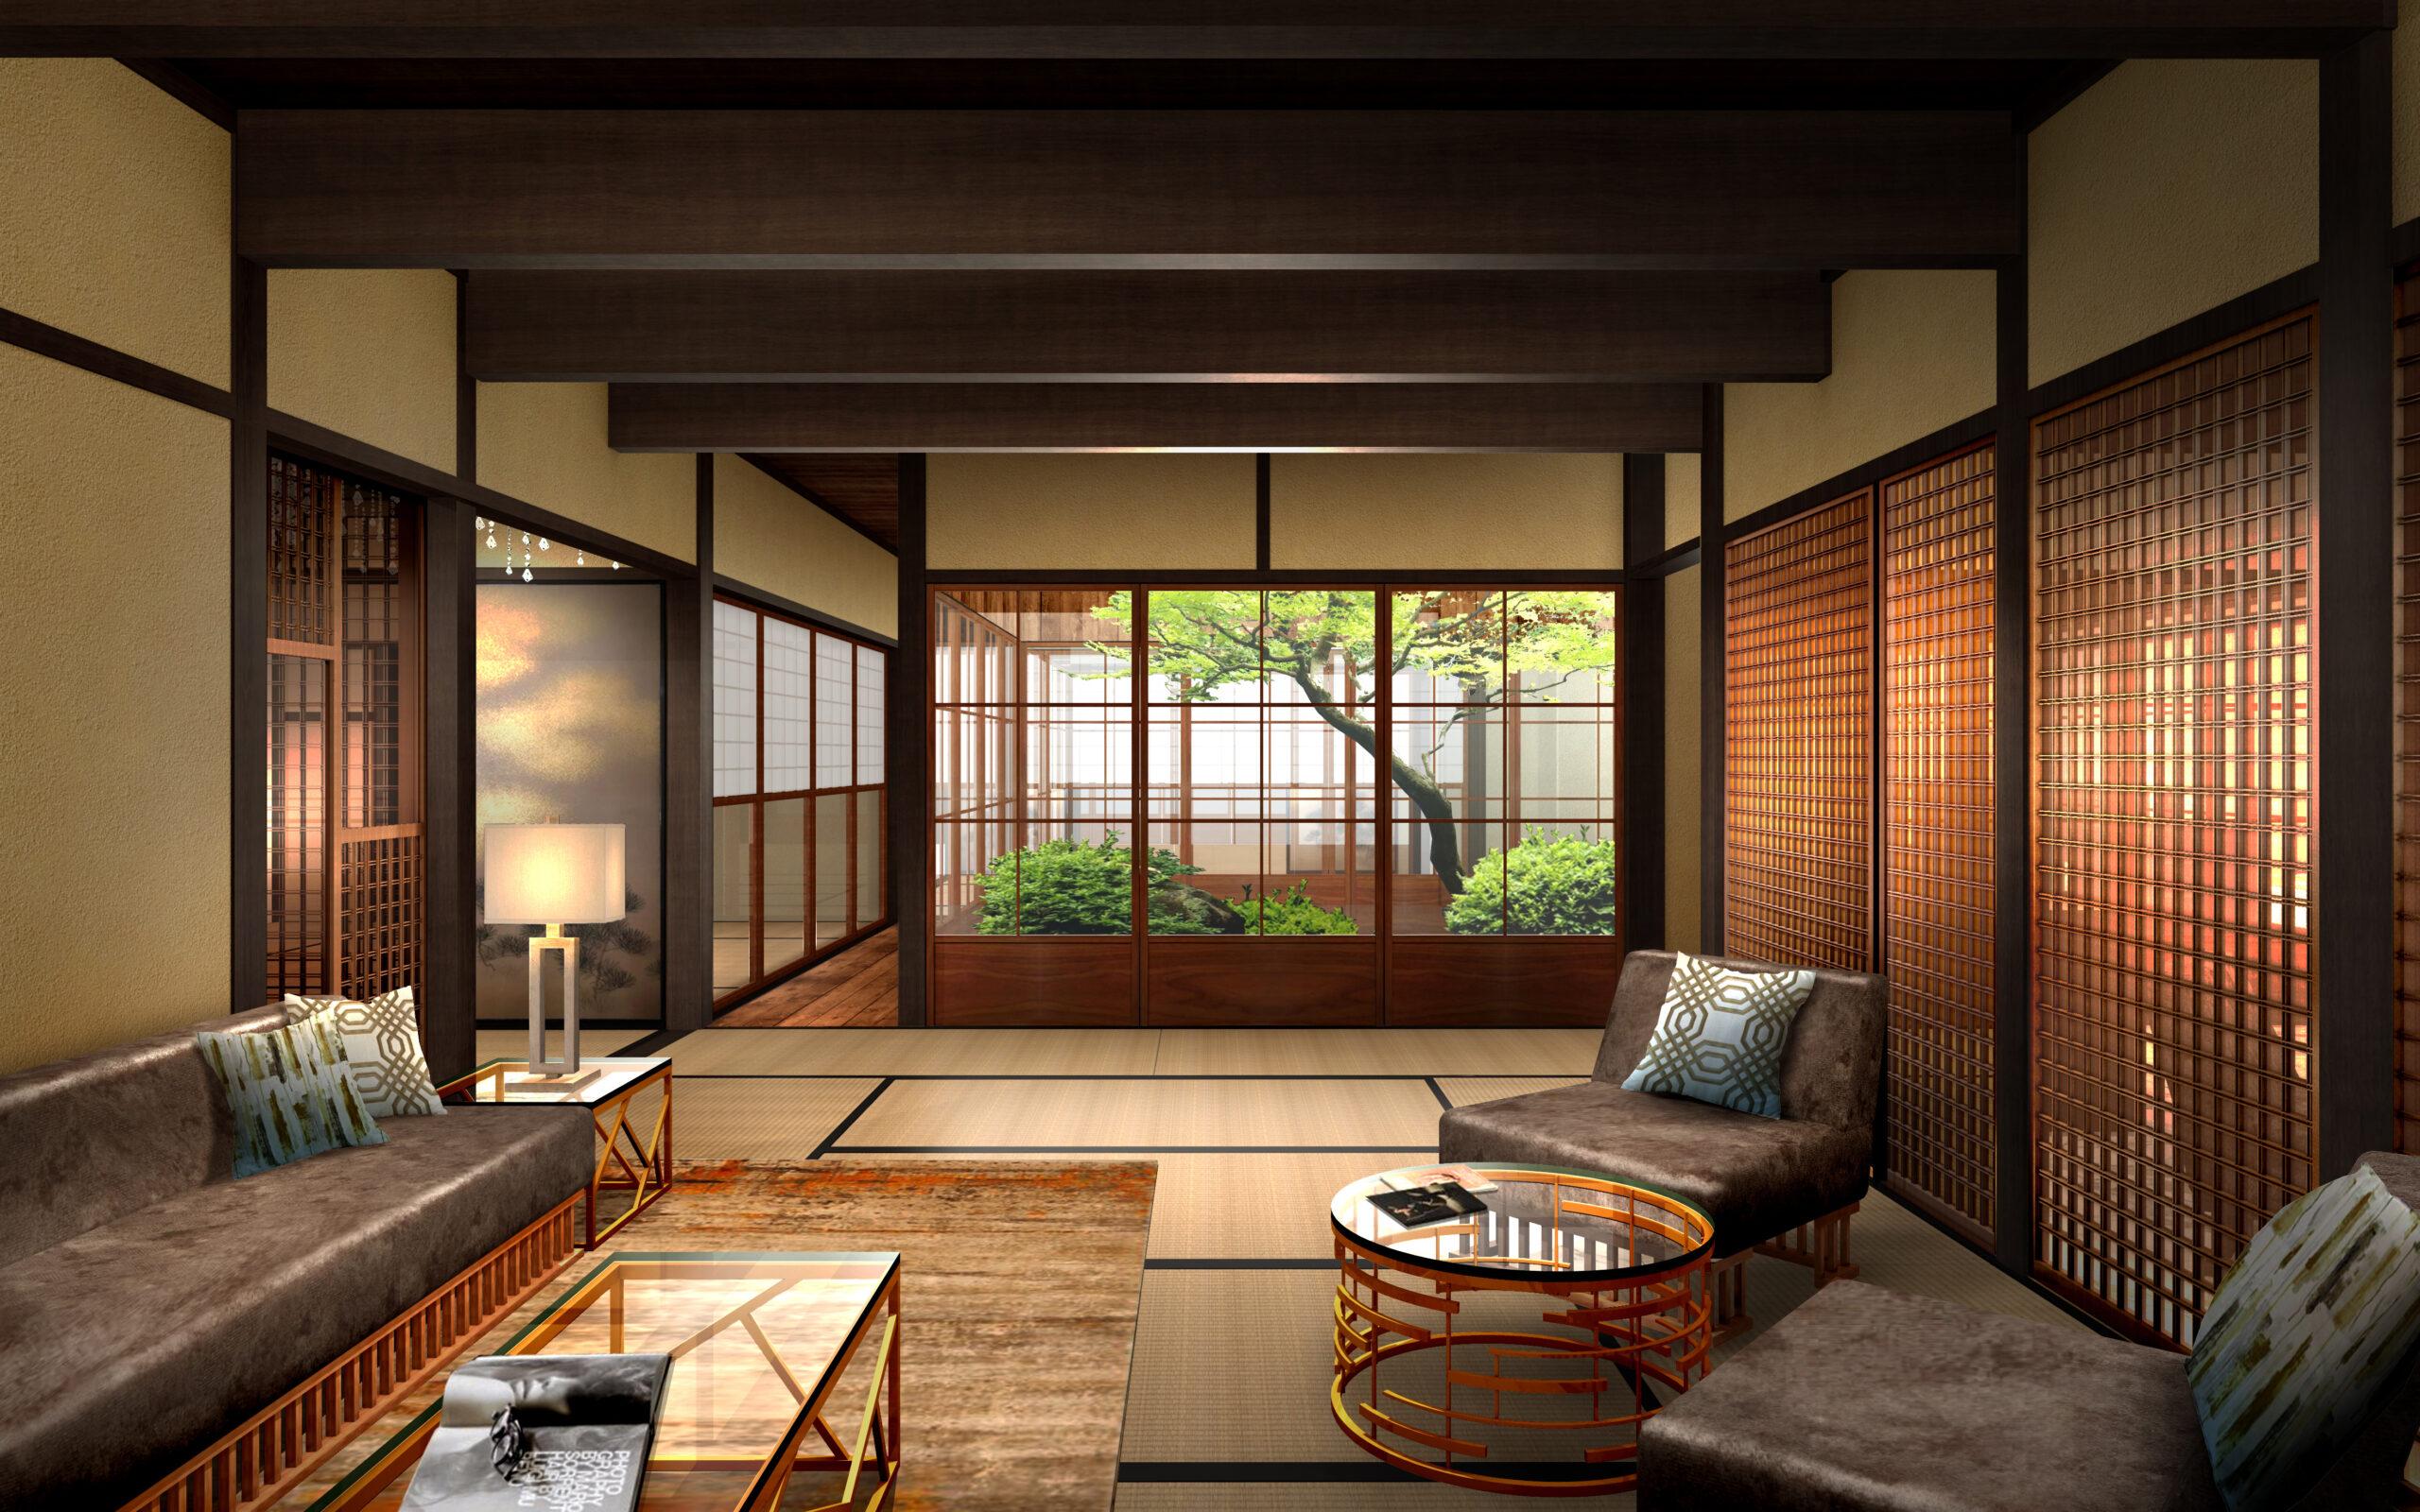 これは泊まりたい!伝統ある京都の町家を改修「カンデオホテルズ京都烏丸六角」の魅力を紹介 6月6日(日)開業へ